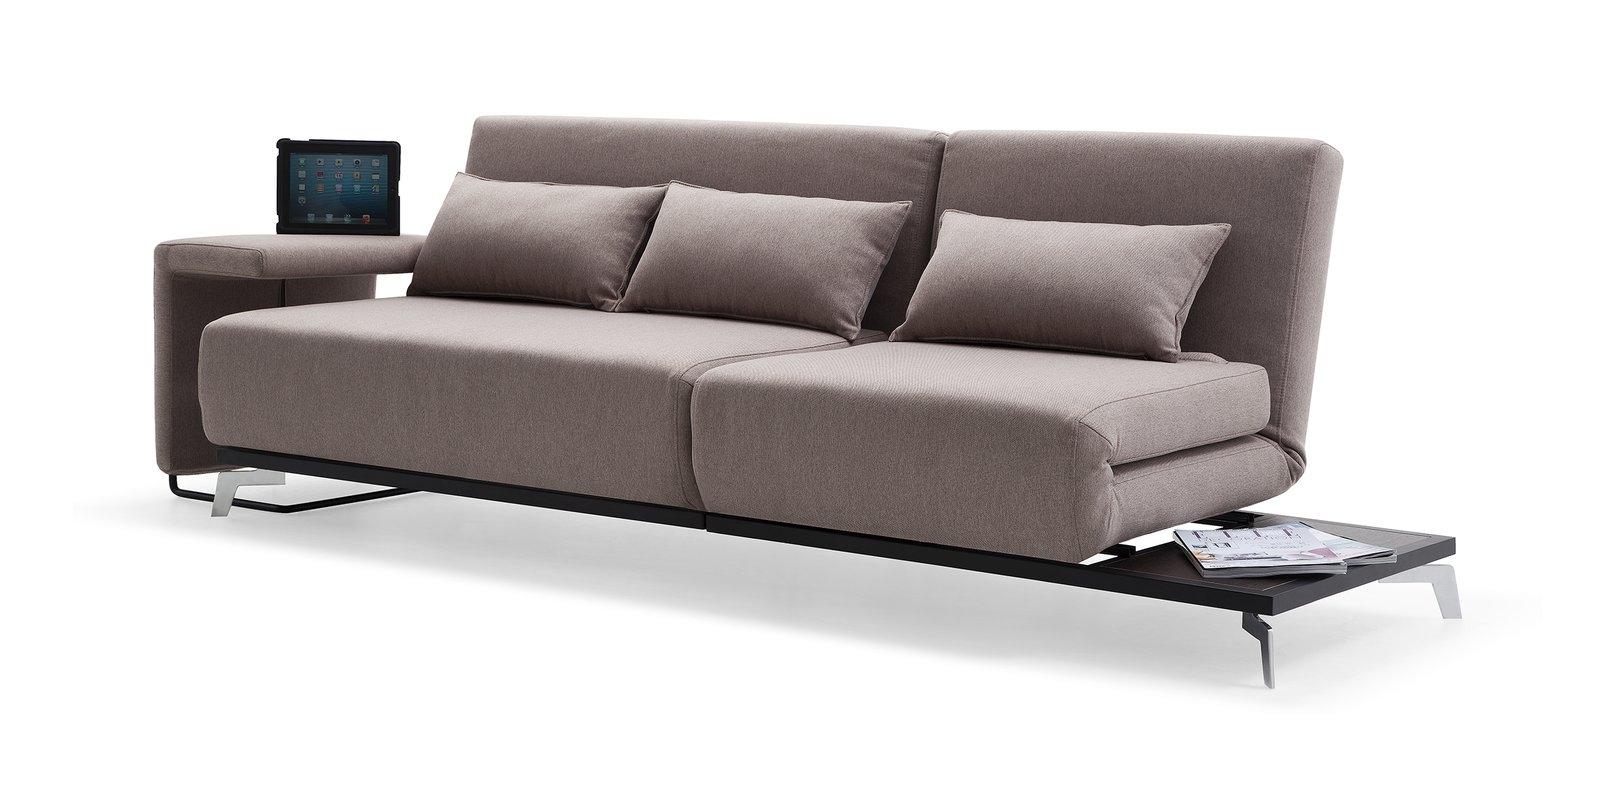 Brayden Studio Demelo Convertible Sofa & Reviews | Wayfair throughout Convertible Sofas (Image 2 of 10)